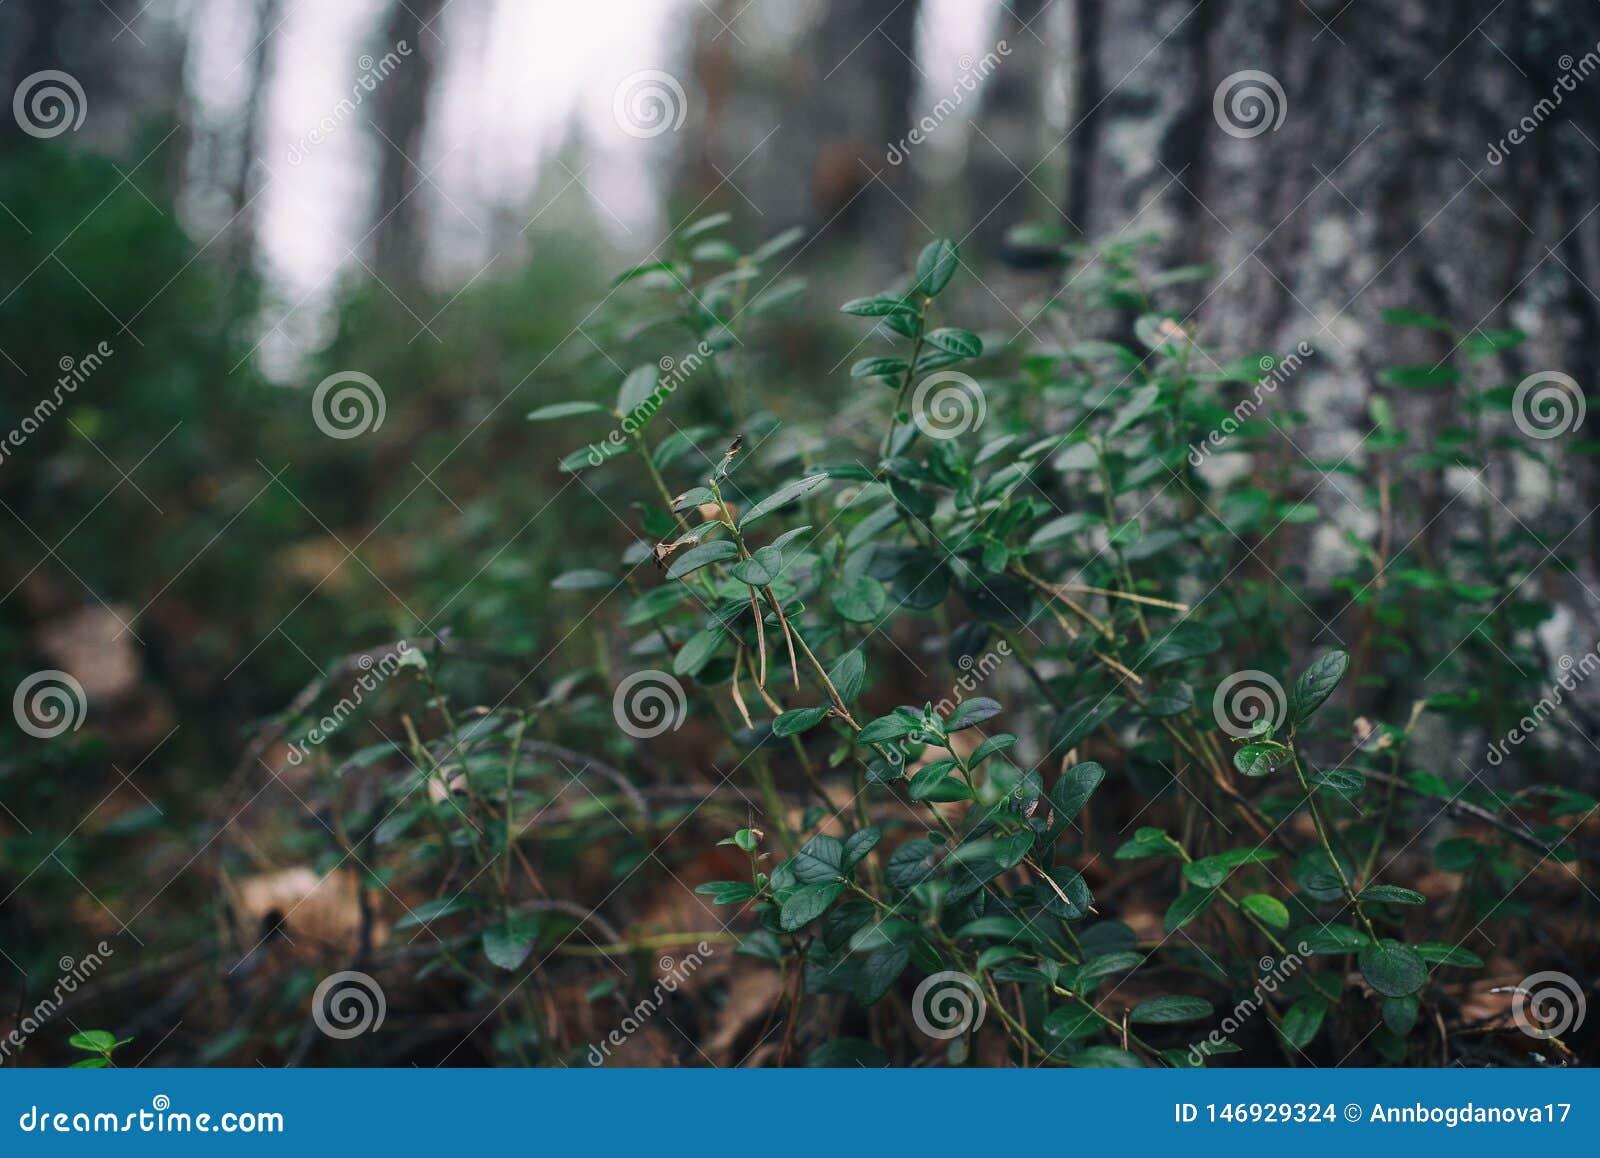 森林植物 蓝莓灌木在森林里